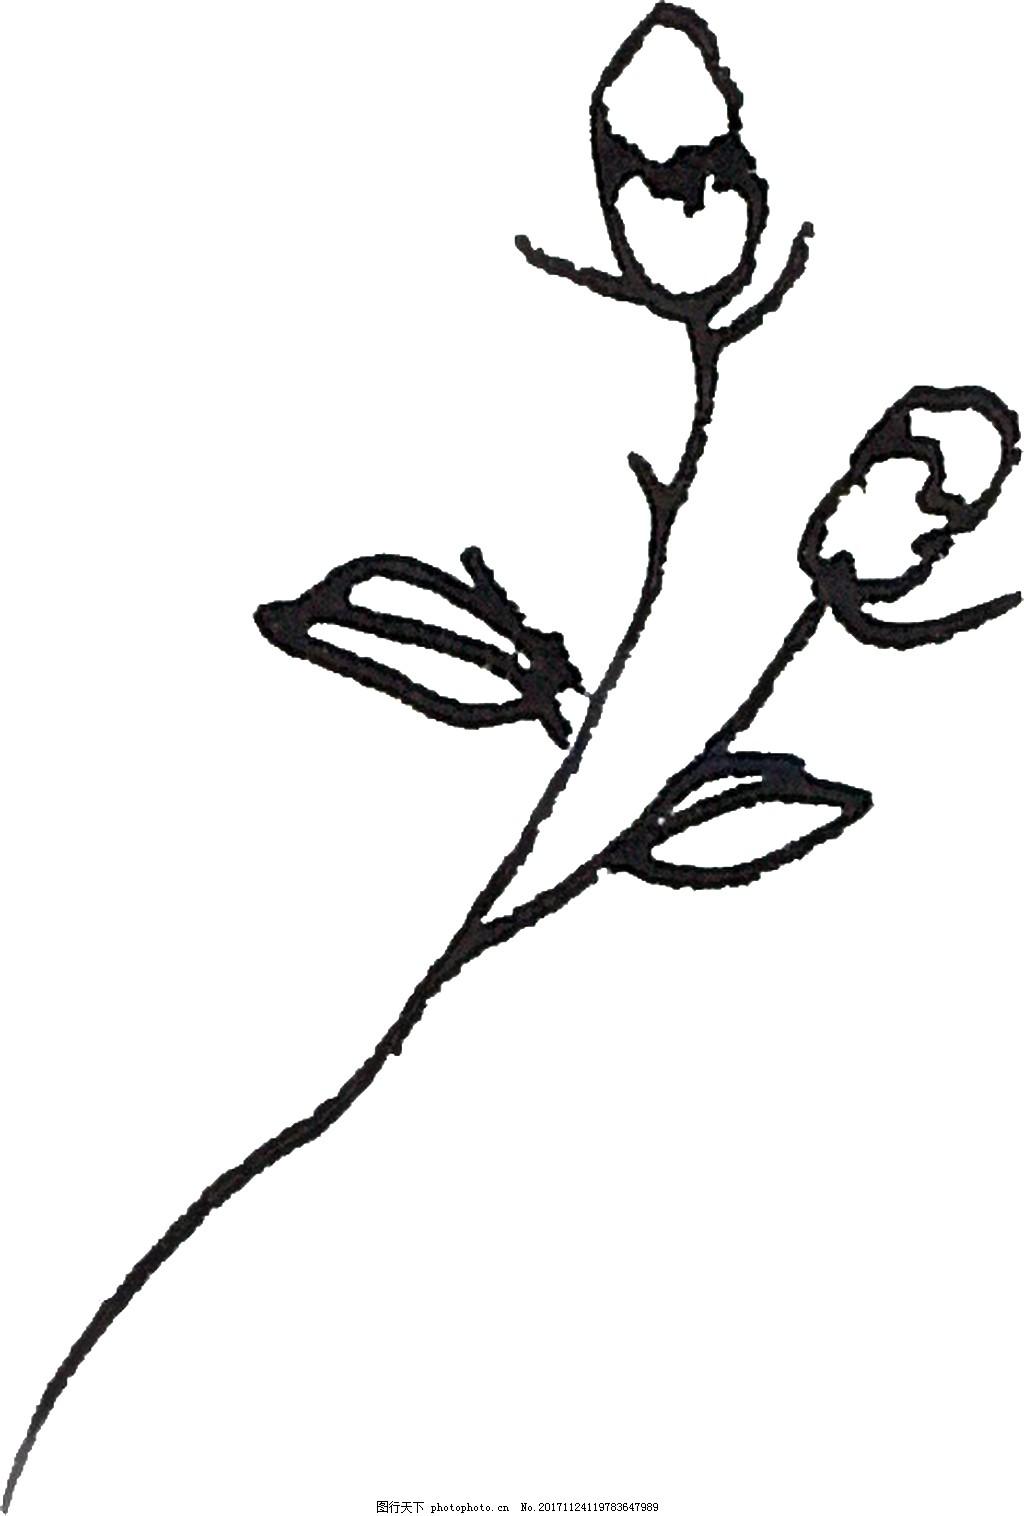 简单铅笔画花卉水彩透明素材 卡通 免扣 手绘 装饰 设计素材 淘宝素材